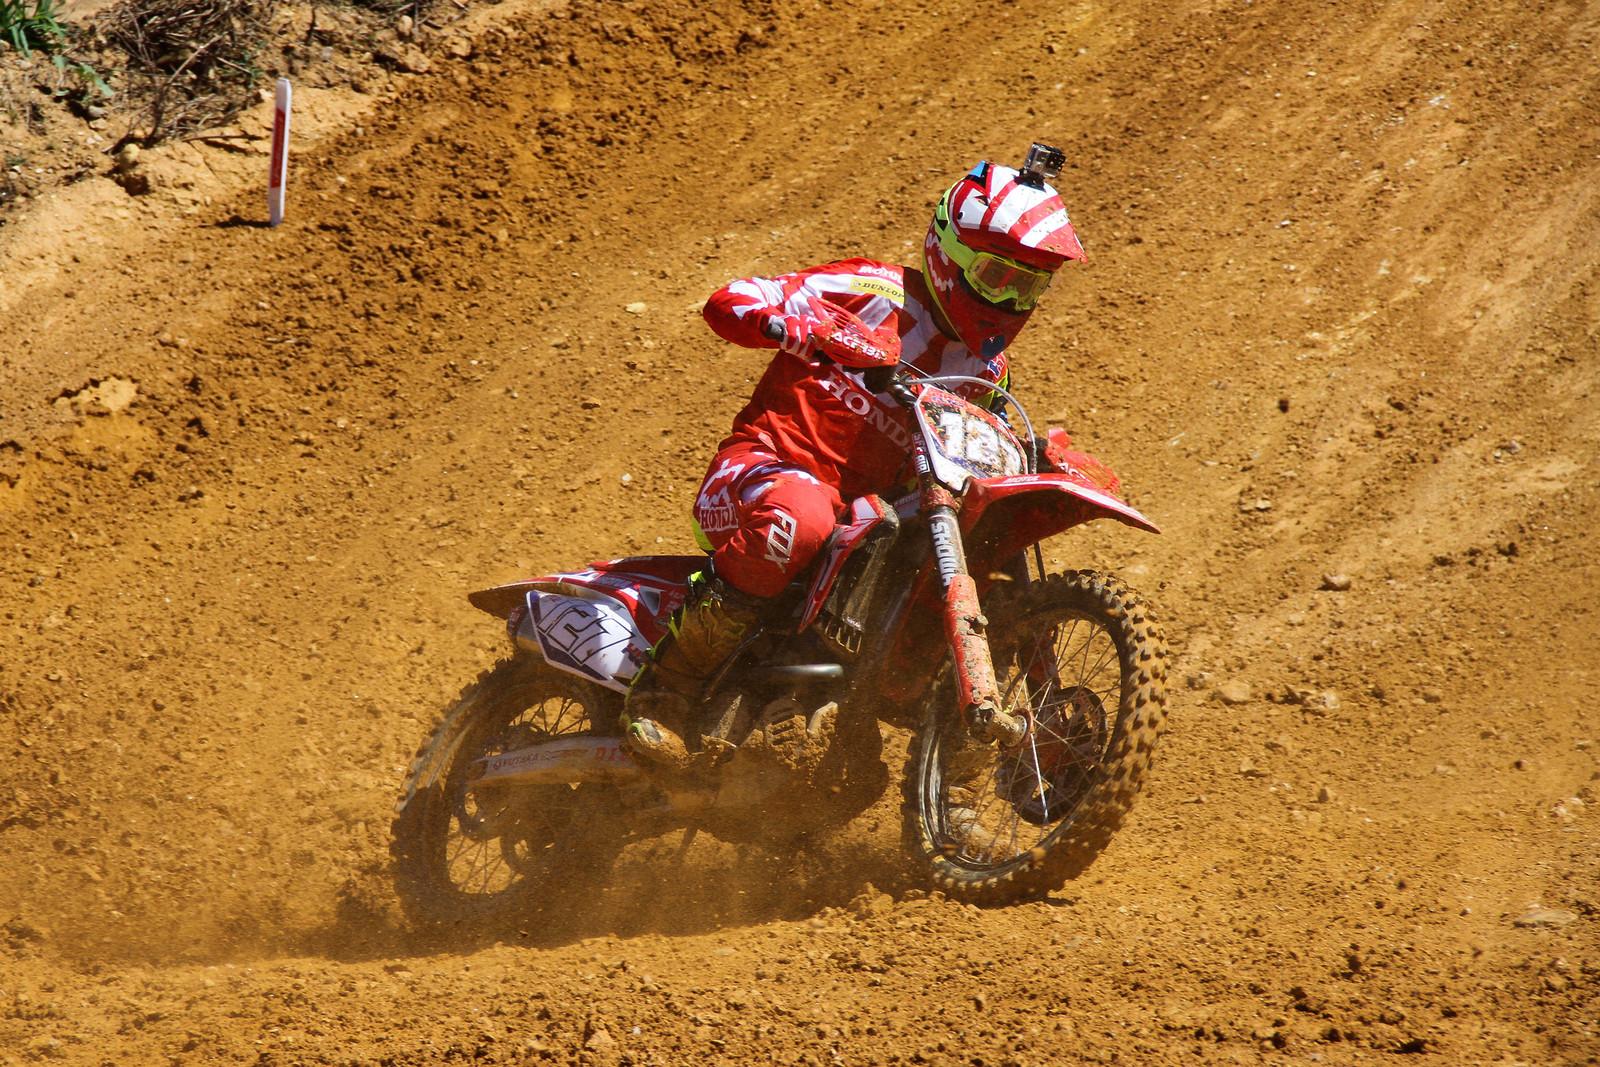 Anthony Rodriguez - ayearinmx - Motocross Pictures - Vital MX